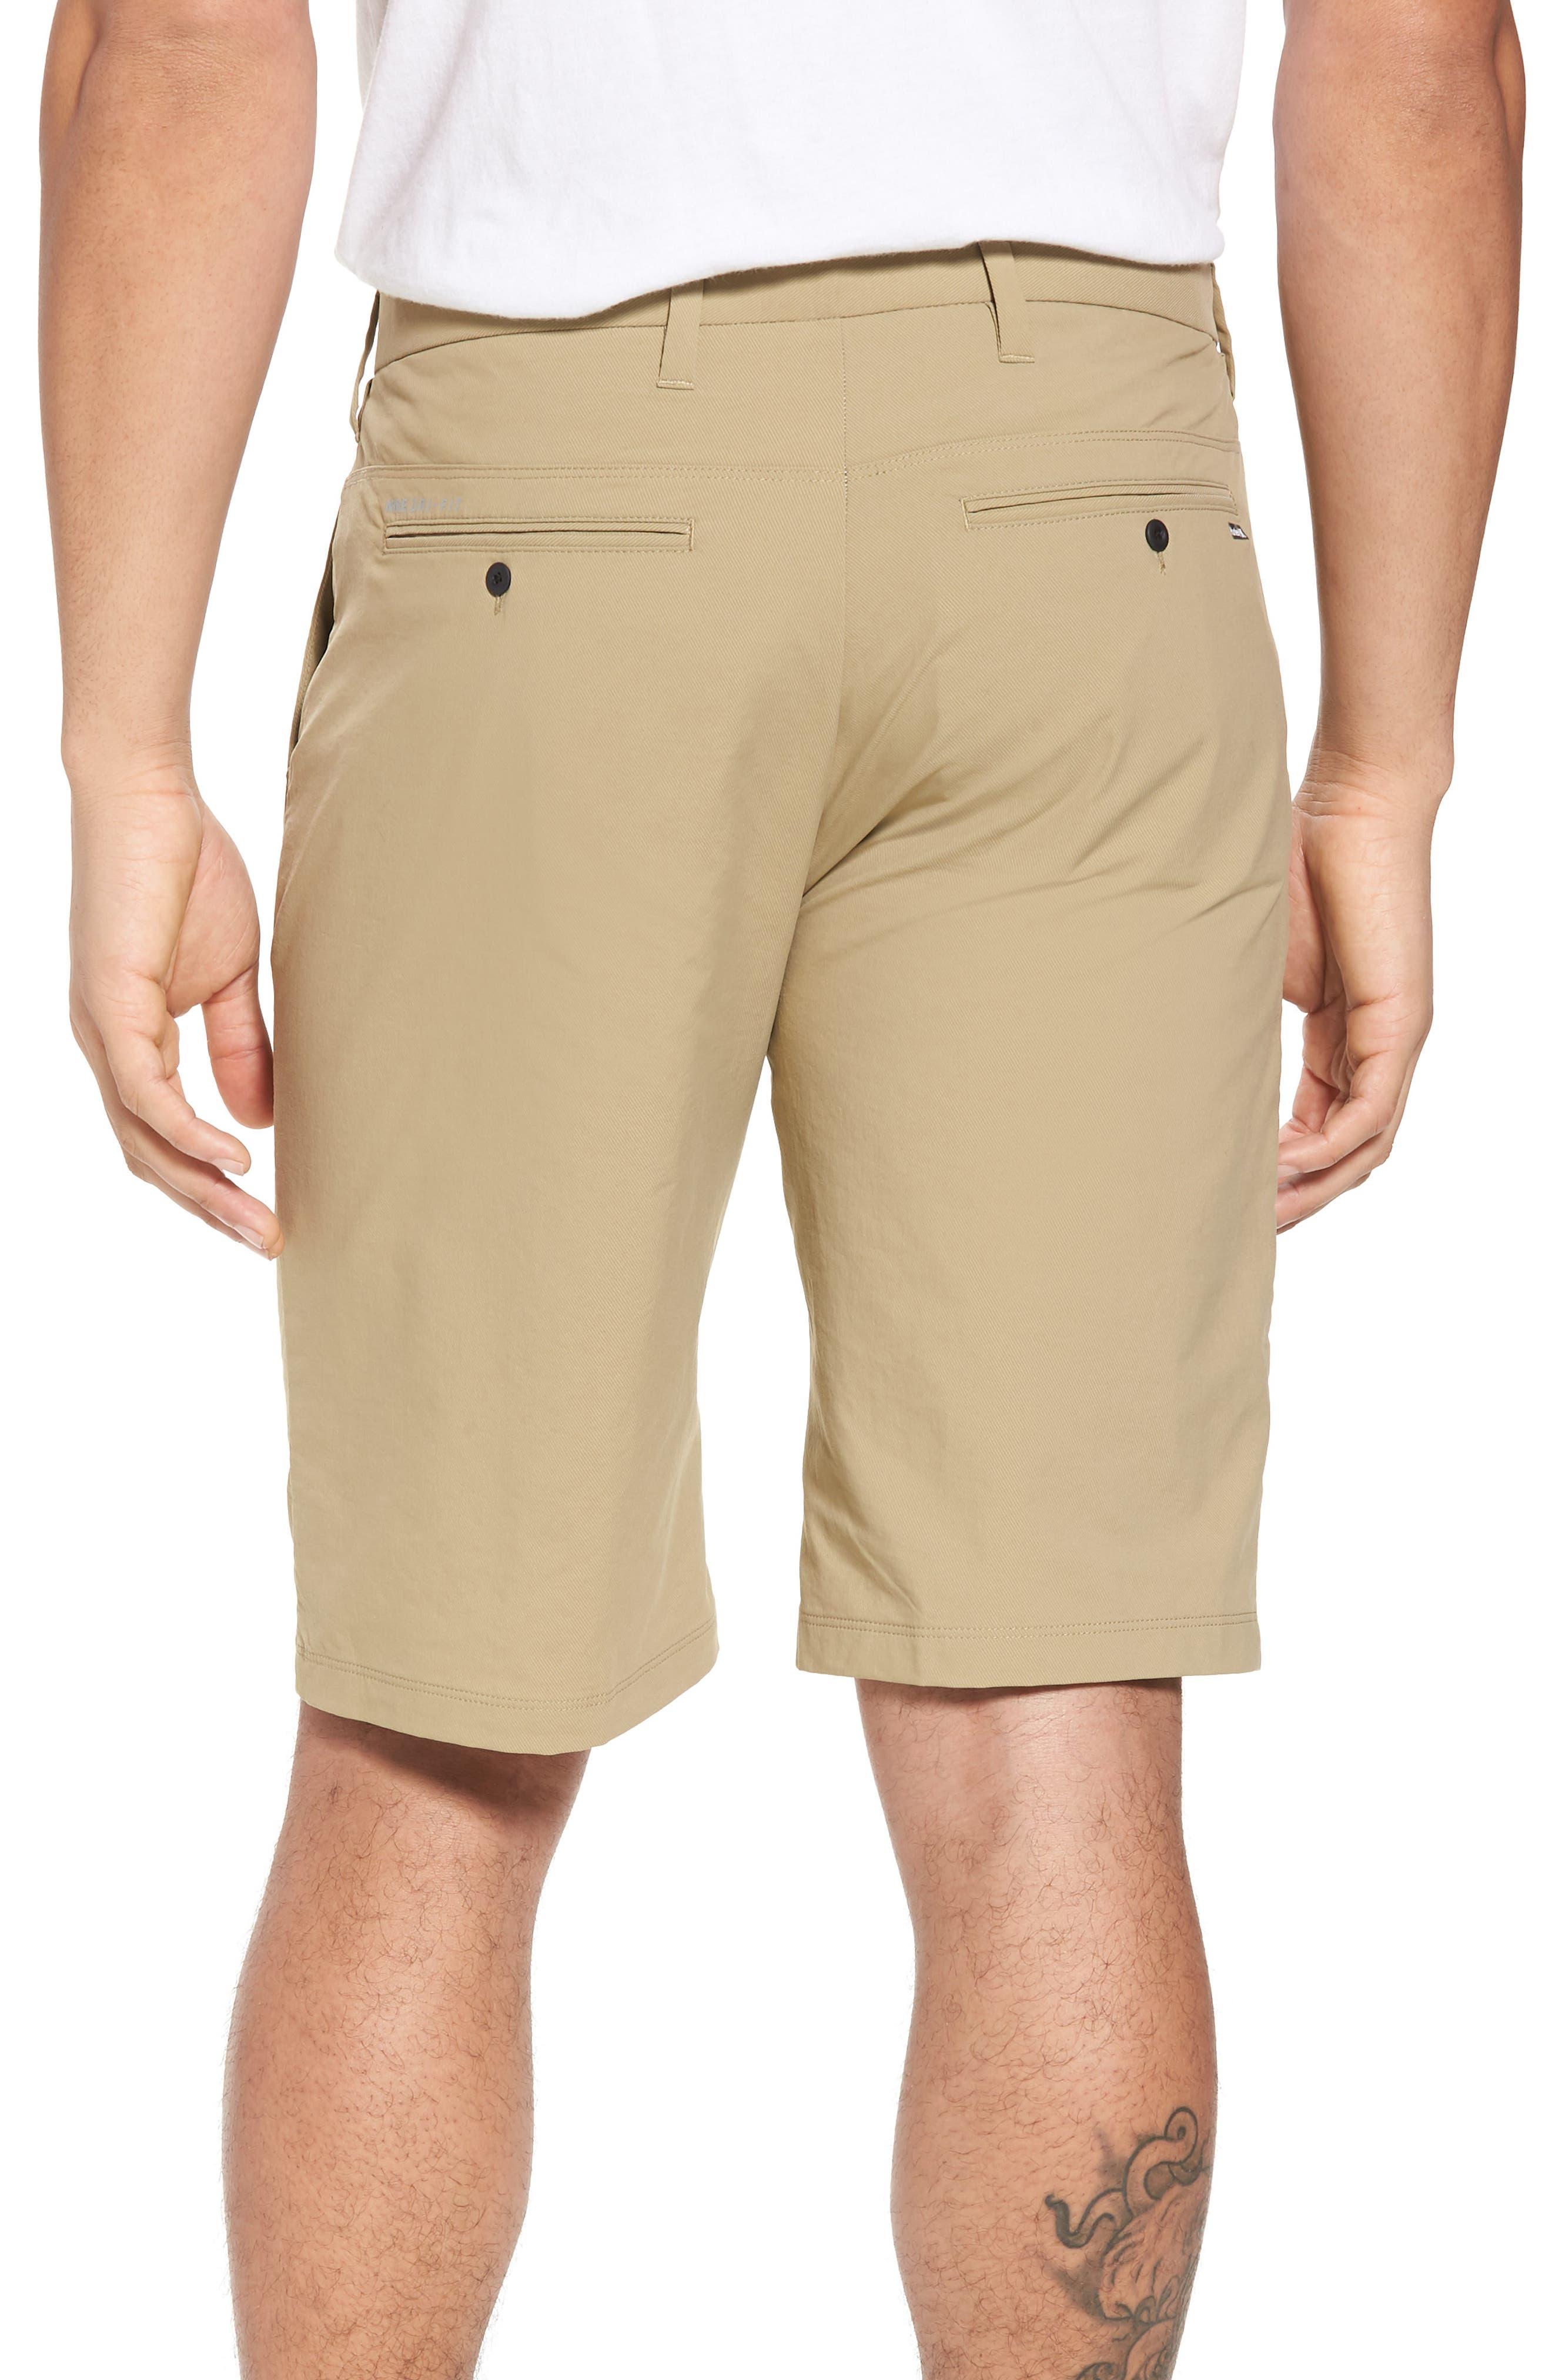 d30345d6c7 Men's Shorts | Nordstrom